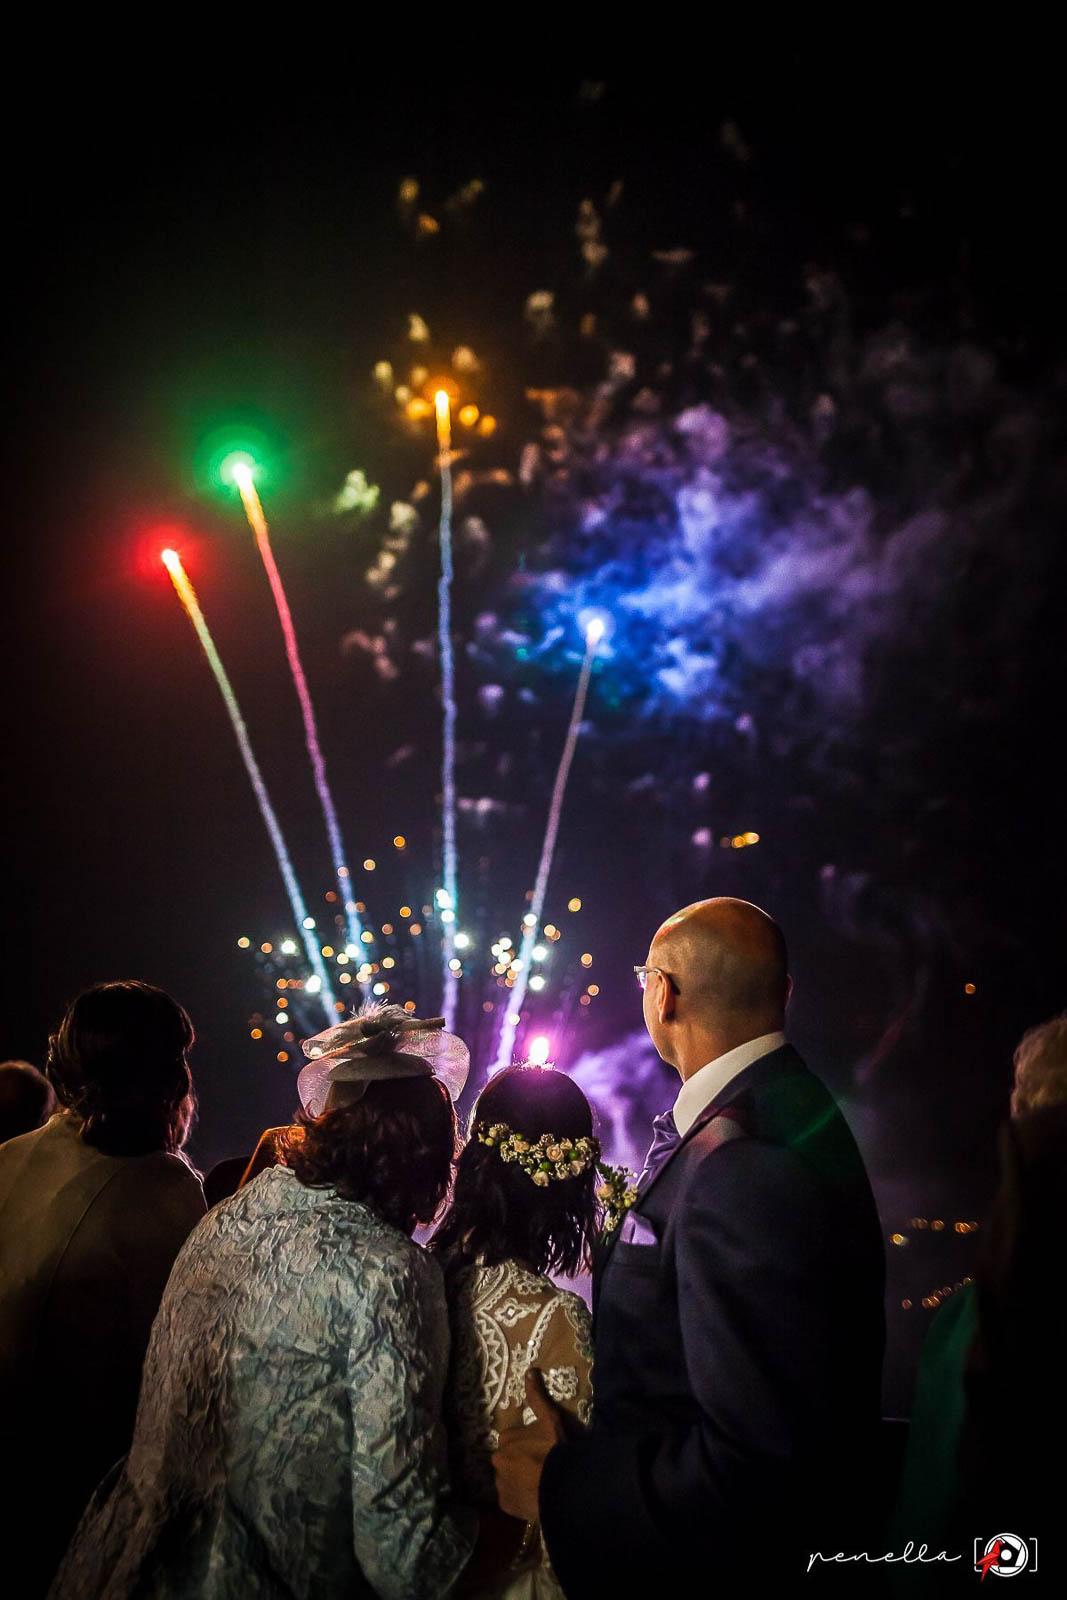 Penella Fotografía fotógrafo de bodas en Asturias, Gijón, Avilés y Oviedo